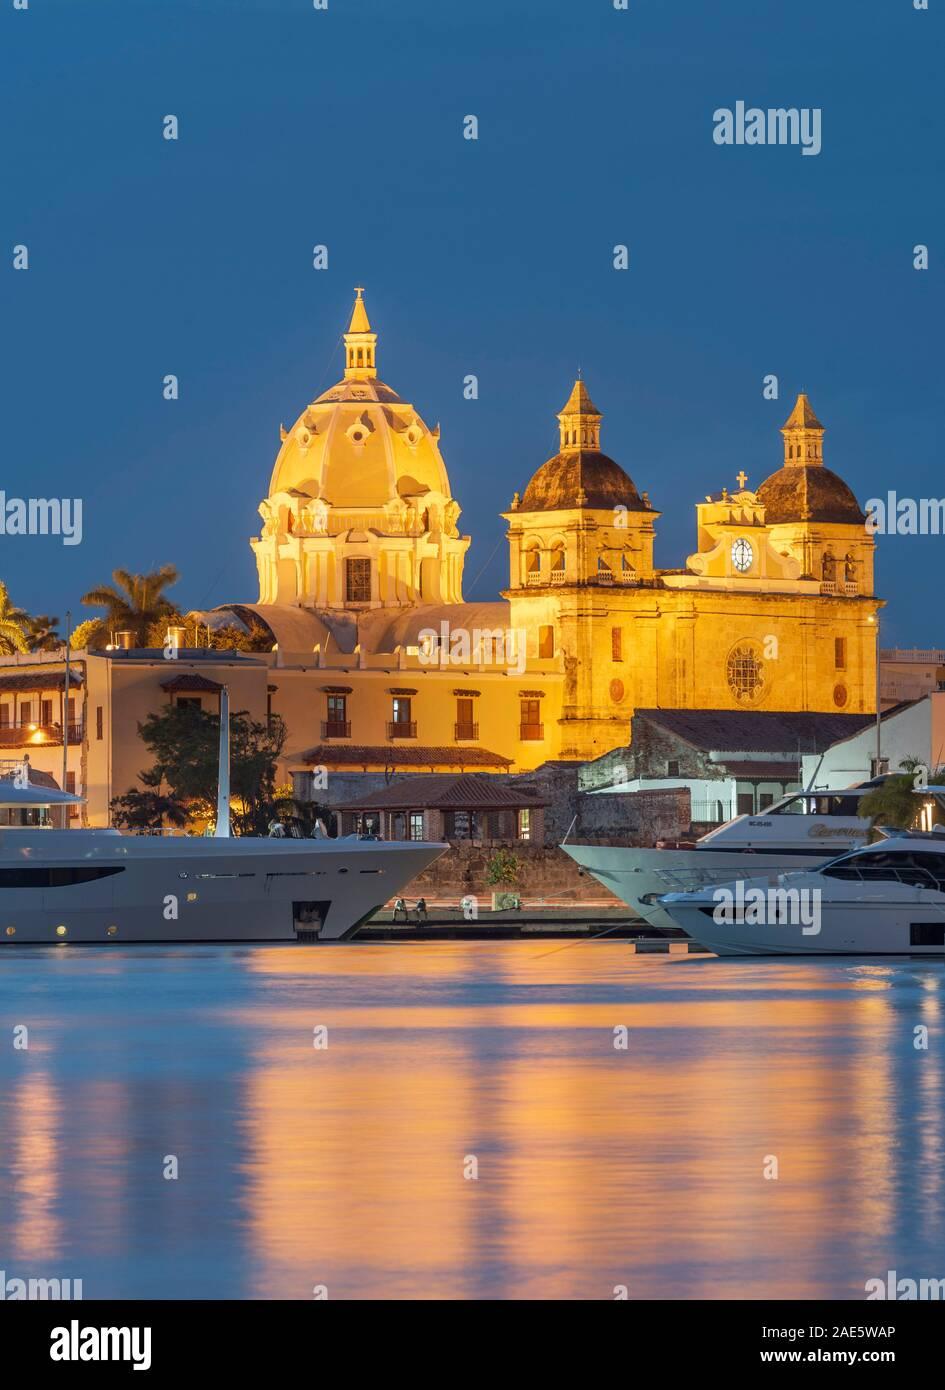 Crepúsculo ver barcos amarrados junto a los edificios históricos de la antigua ciudad amurallada de Cartagena, en Colombia. Foto de stock